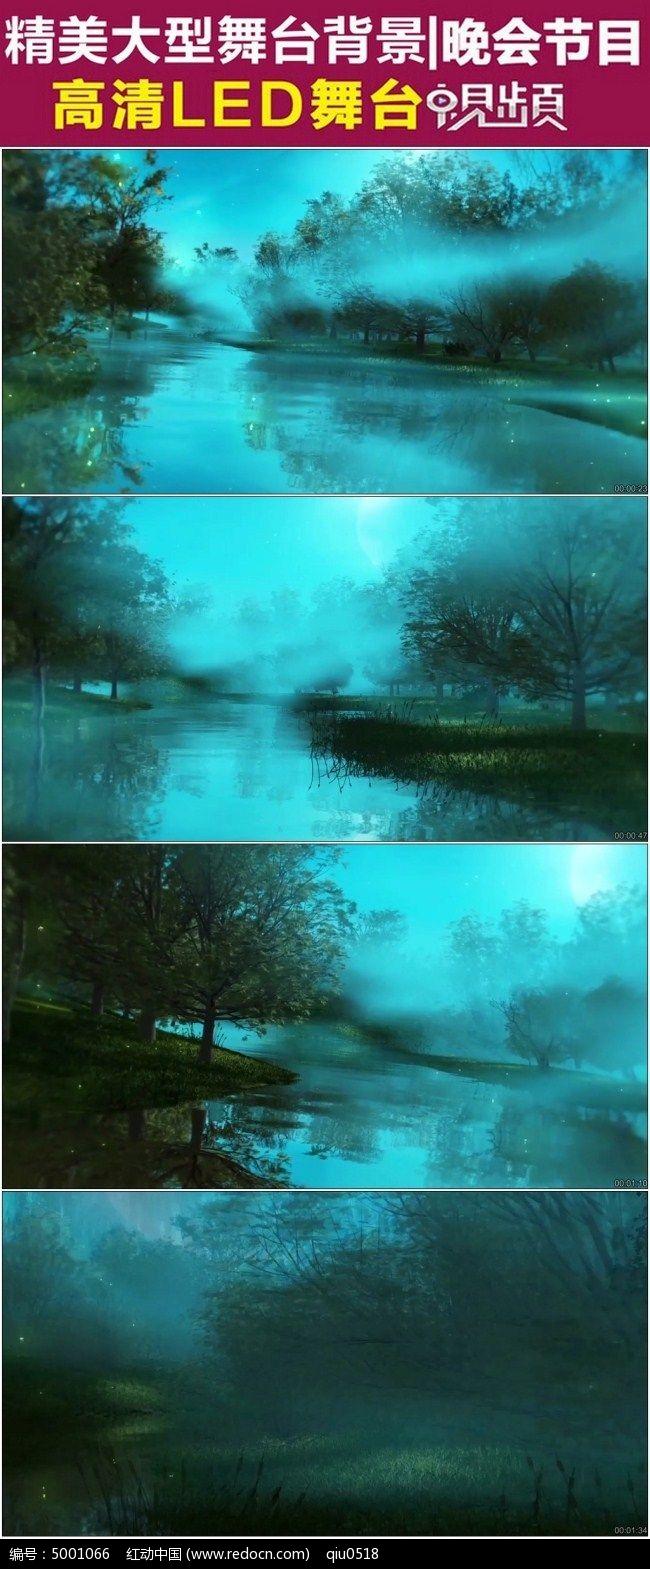 意境森林梦幻湖泊神话视频素材图片